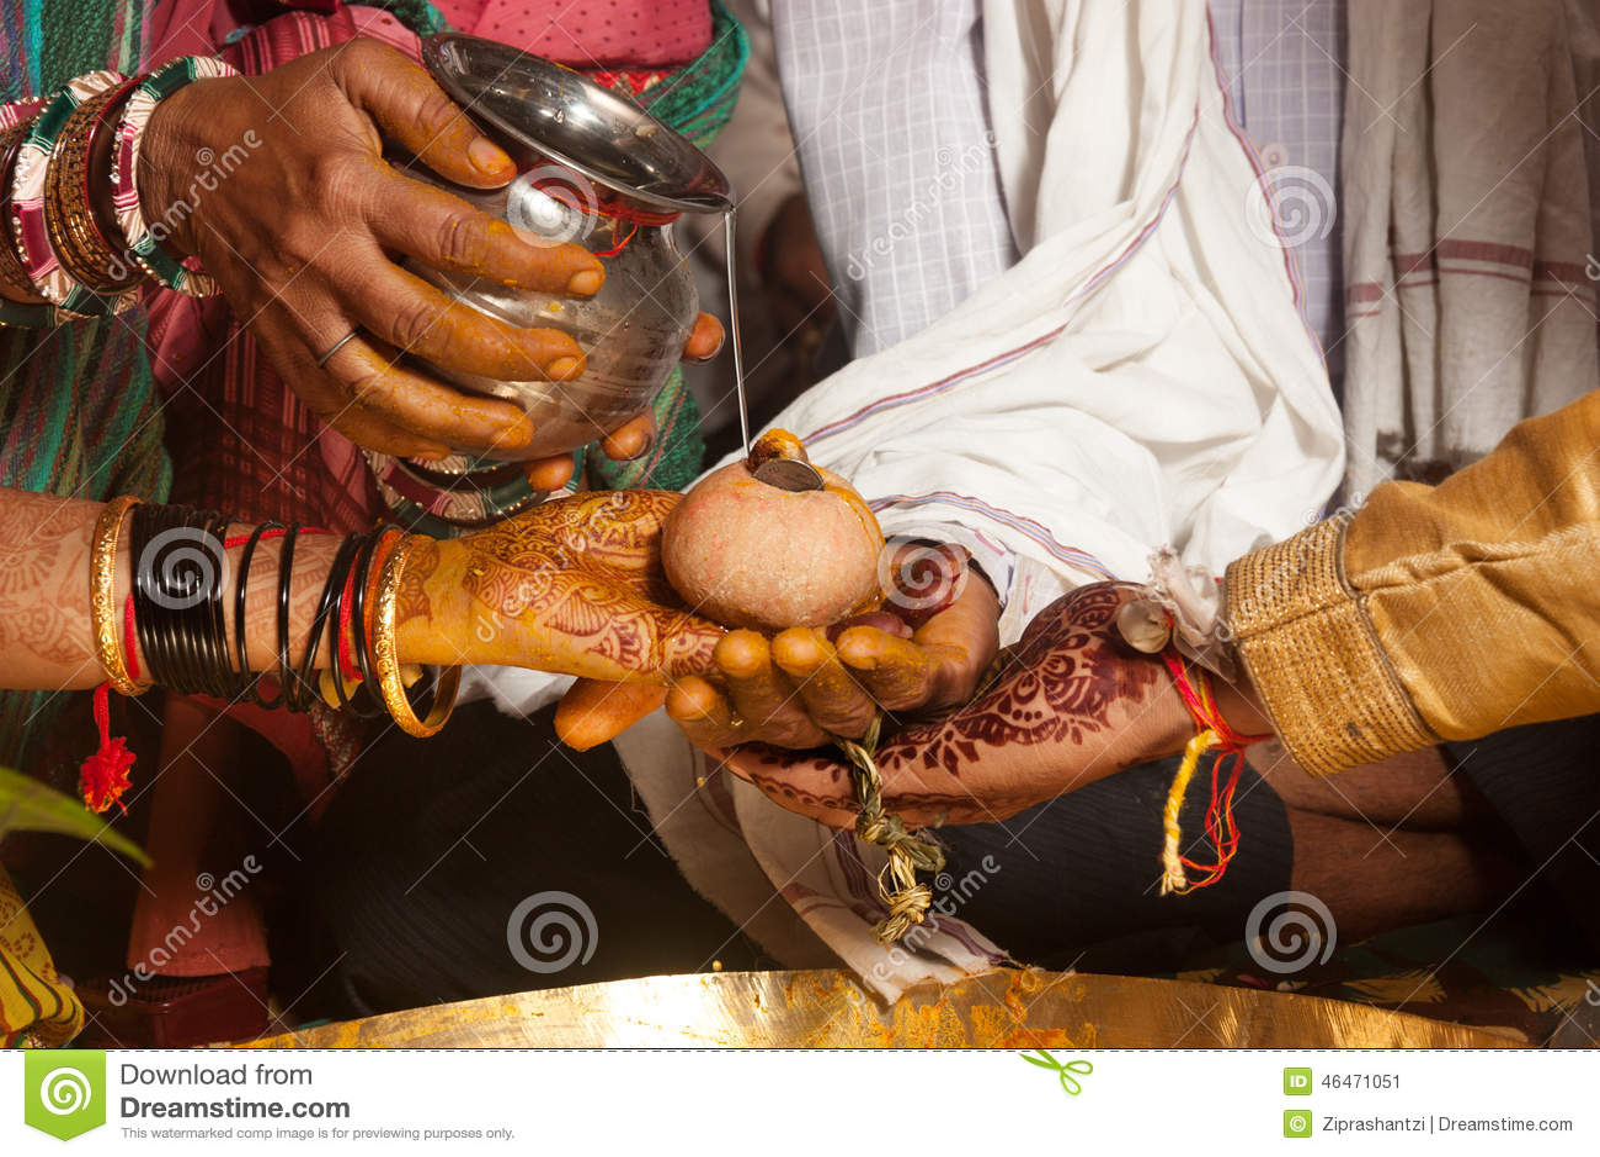 Kanyadaan hindu wedding